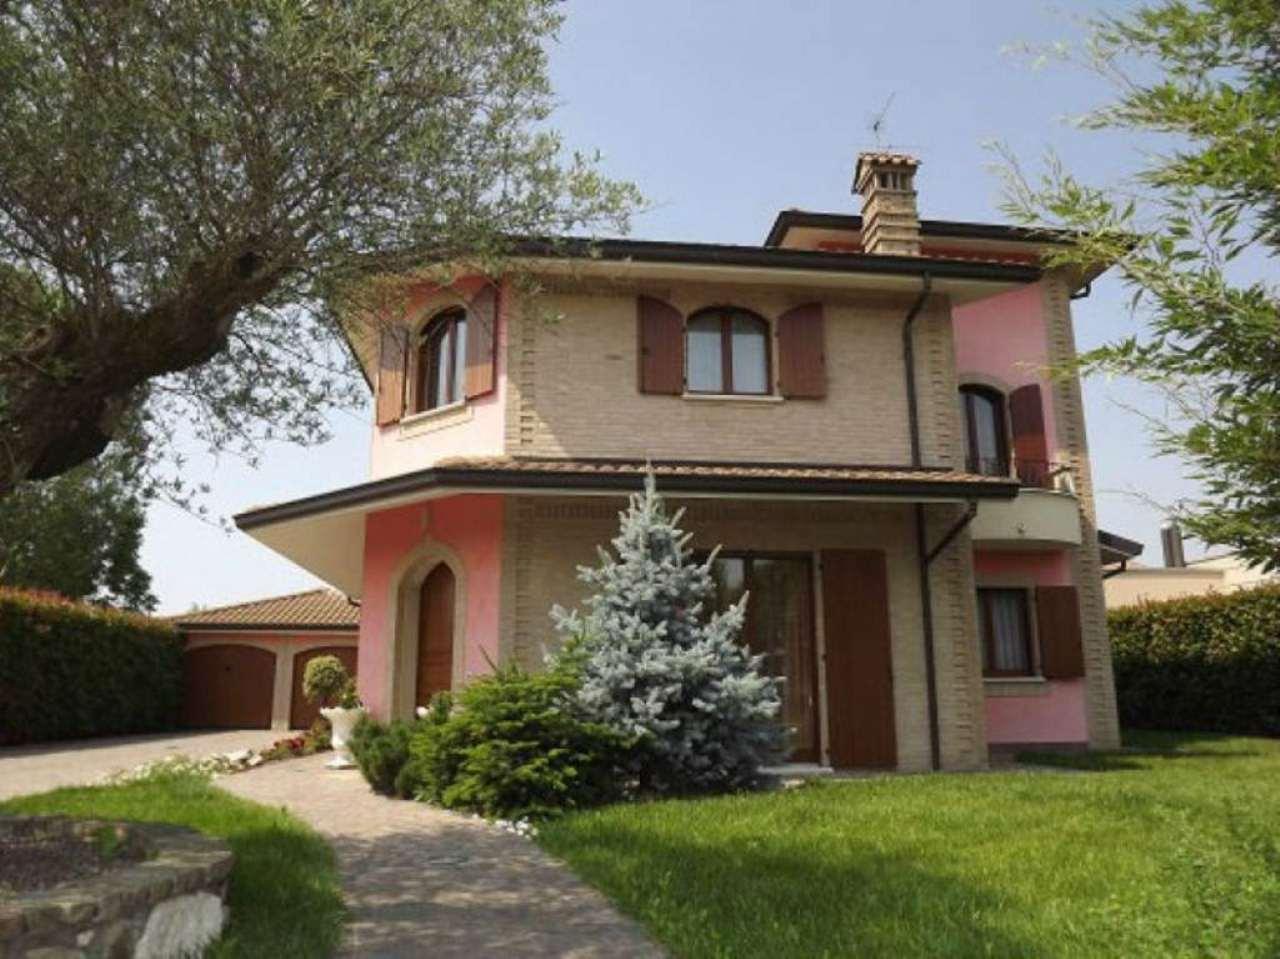 Villa in vendita a Misano di Gera d'Adda, 5 locali, prezzo € 490.000 | Cambio Casa.it